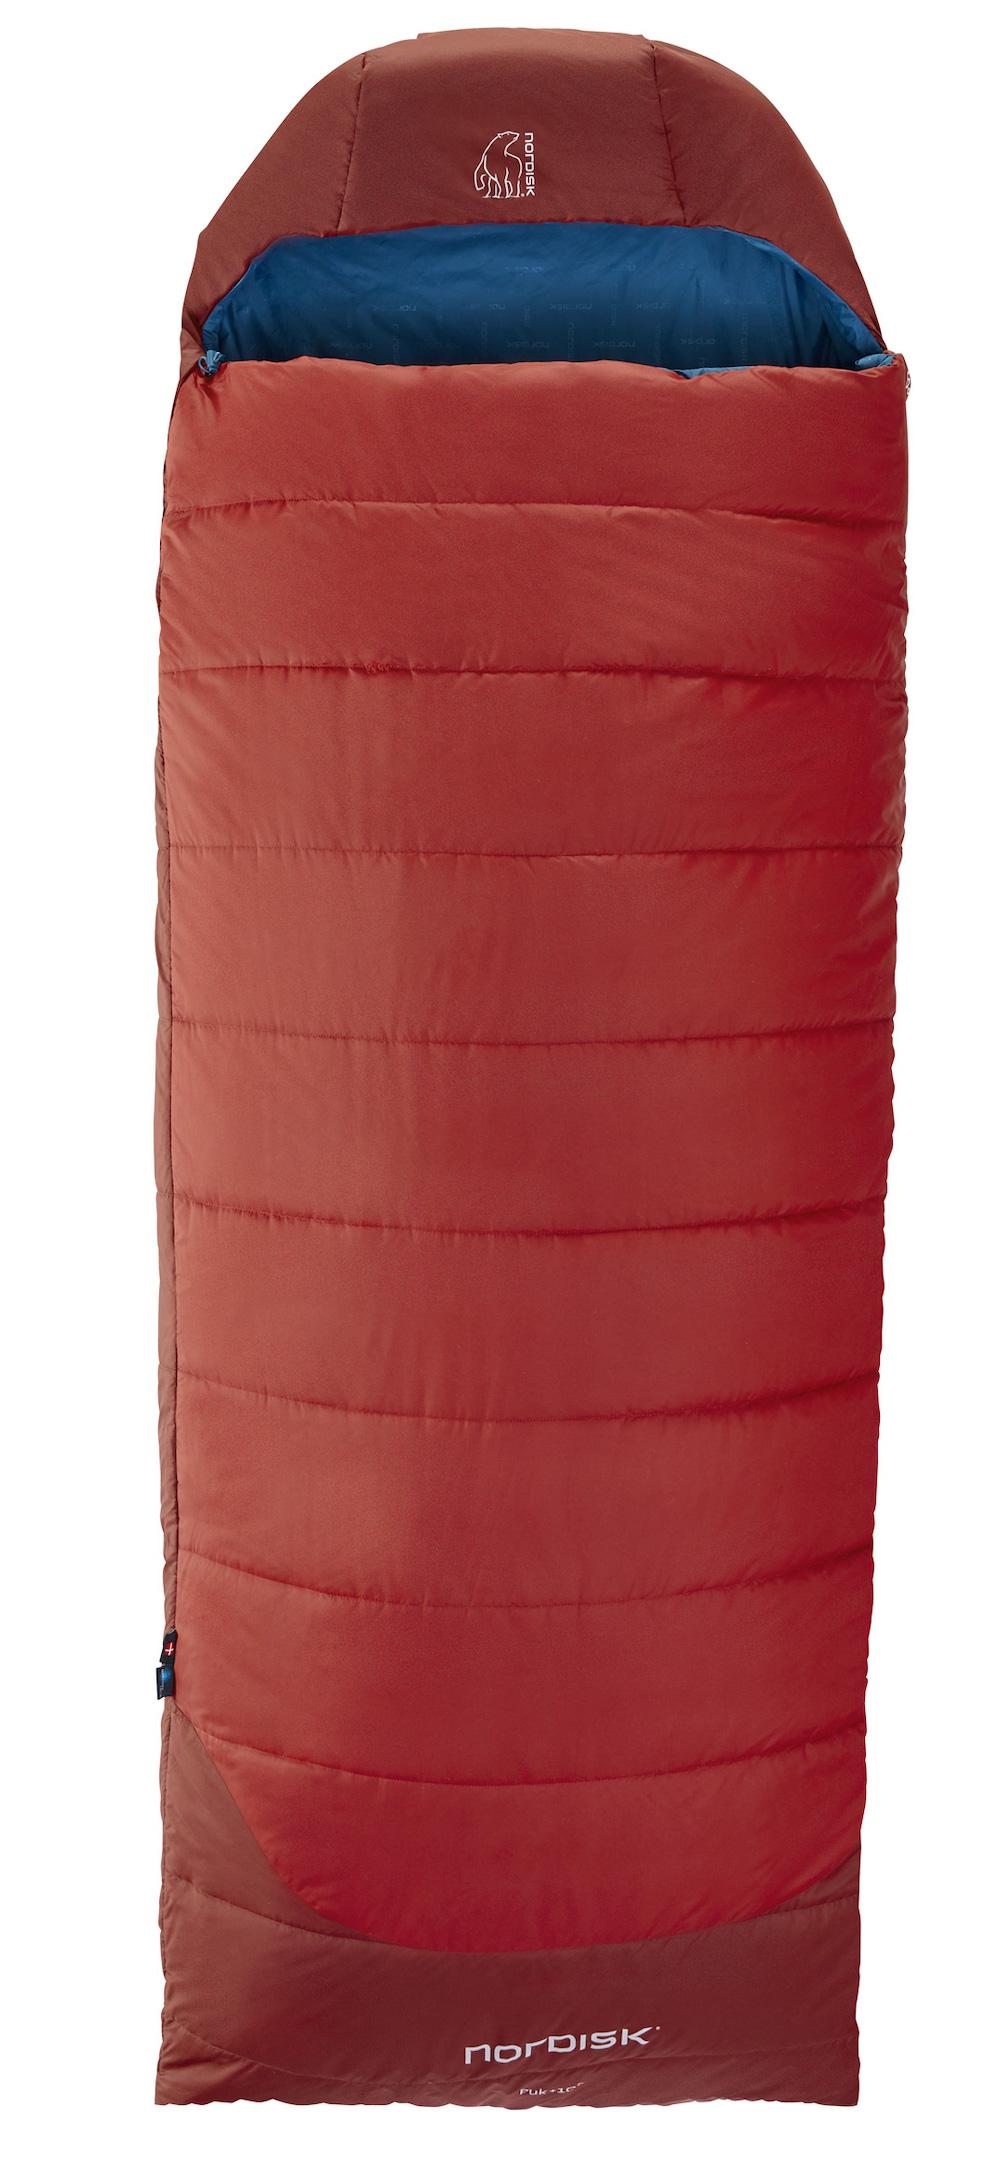 Nordisk - Puk +10° Blanket, Sommerschlafsack